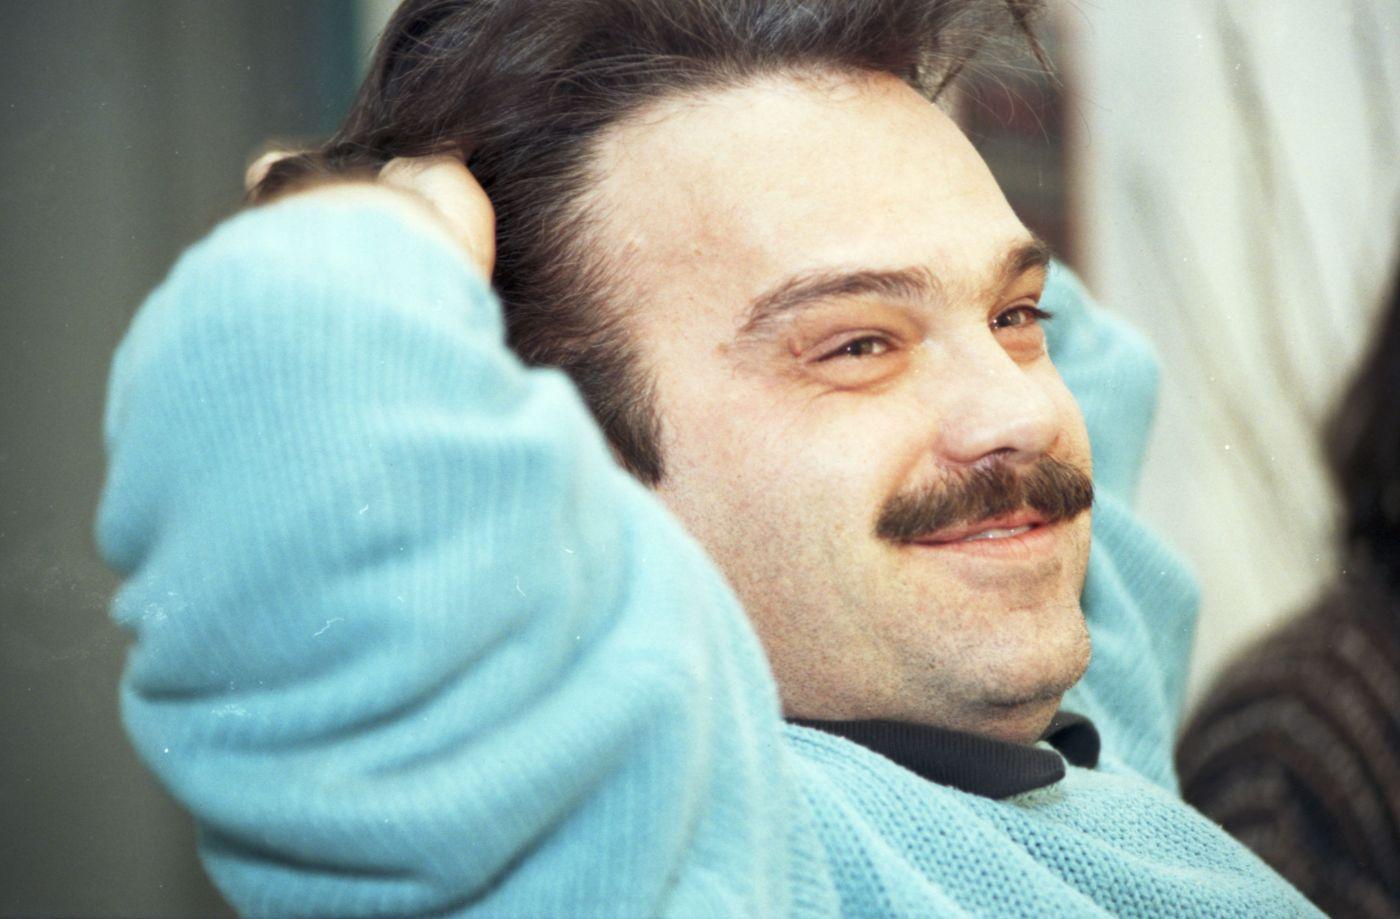 Photographie en couleur d'un homme d'âge moyen souriant, vu de trois quarts. Il est assis, les deux mains derrière la tête. Il a les cheveux bruns et une moustache. Il porte un chandail bleu pâle.